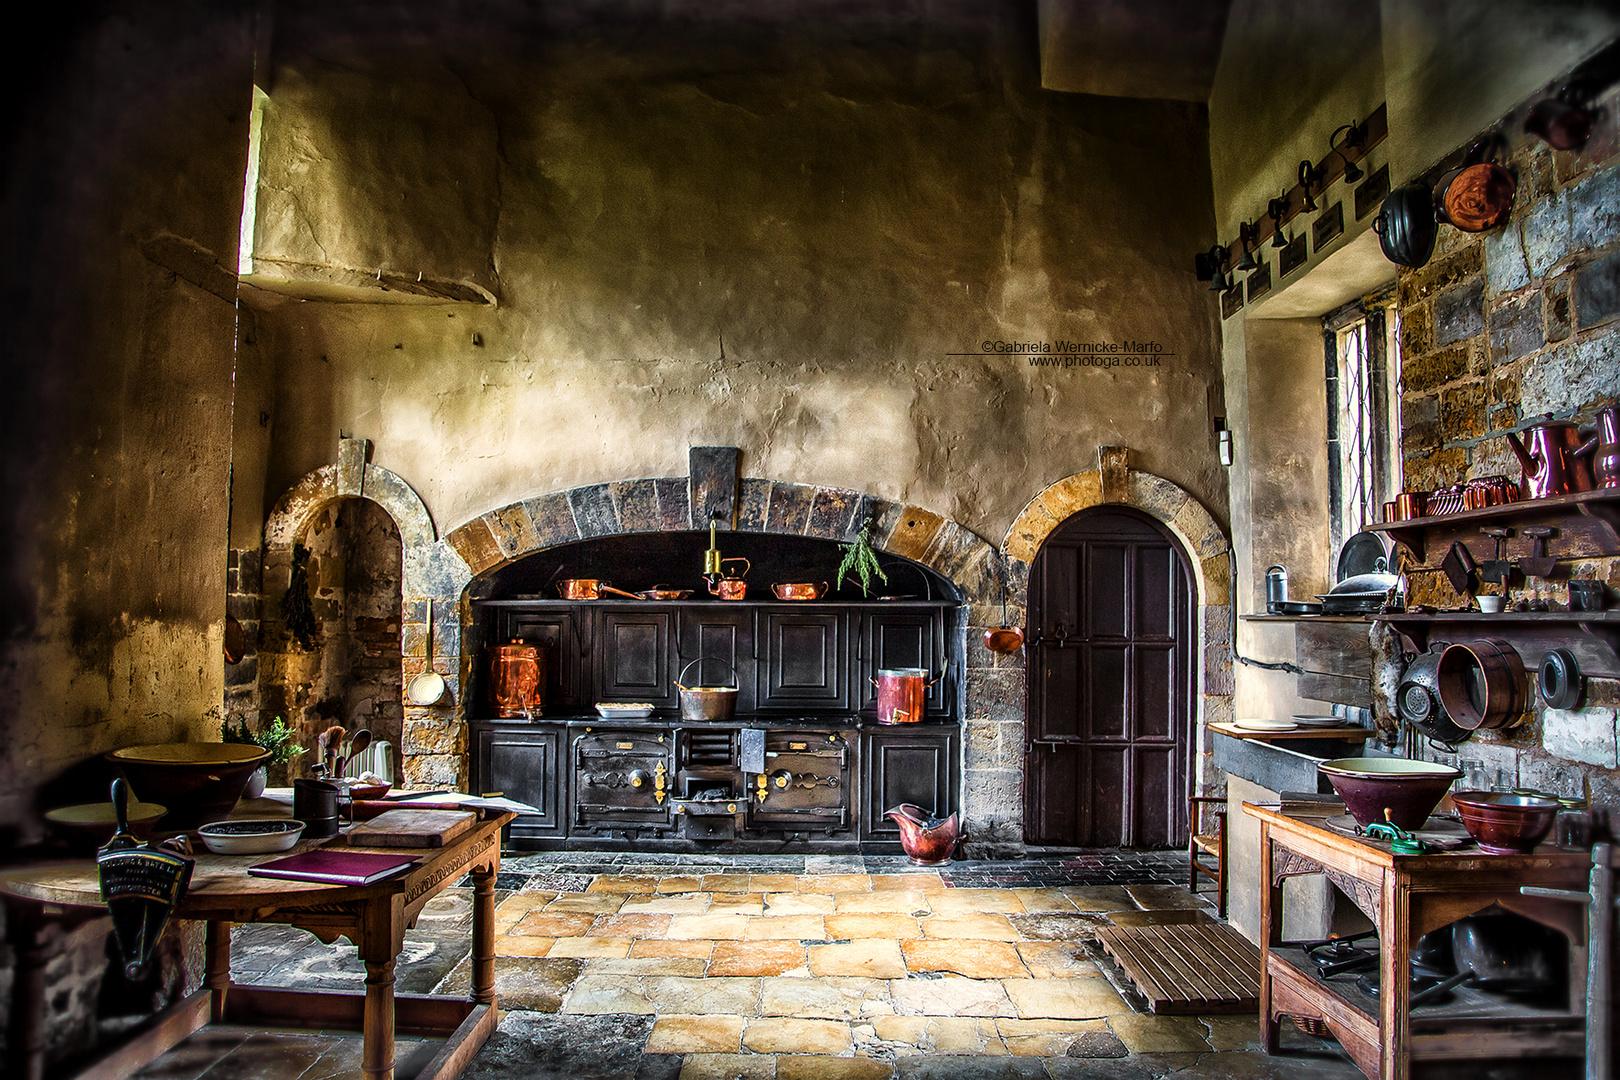 mittelalterliche kueche von 1710 foto bild architektur. Black Bedroom Furniture Sets. Home Design Ideas